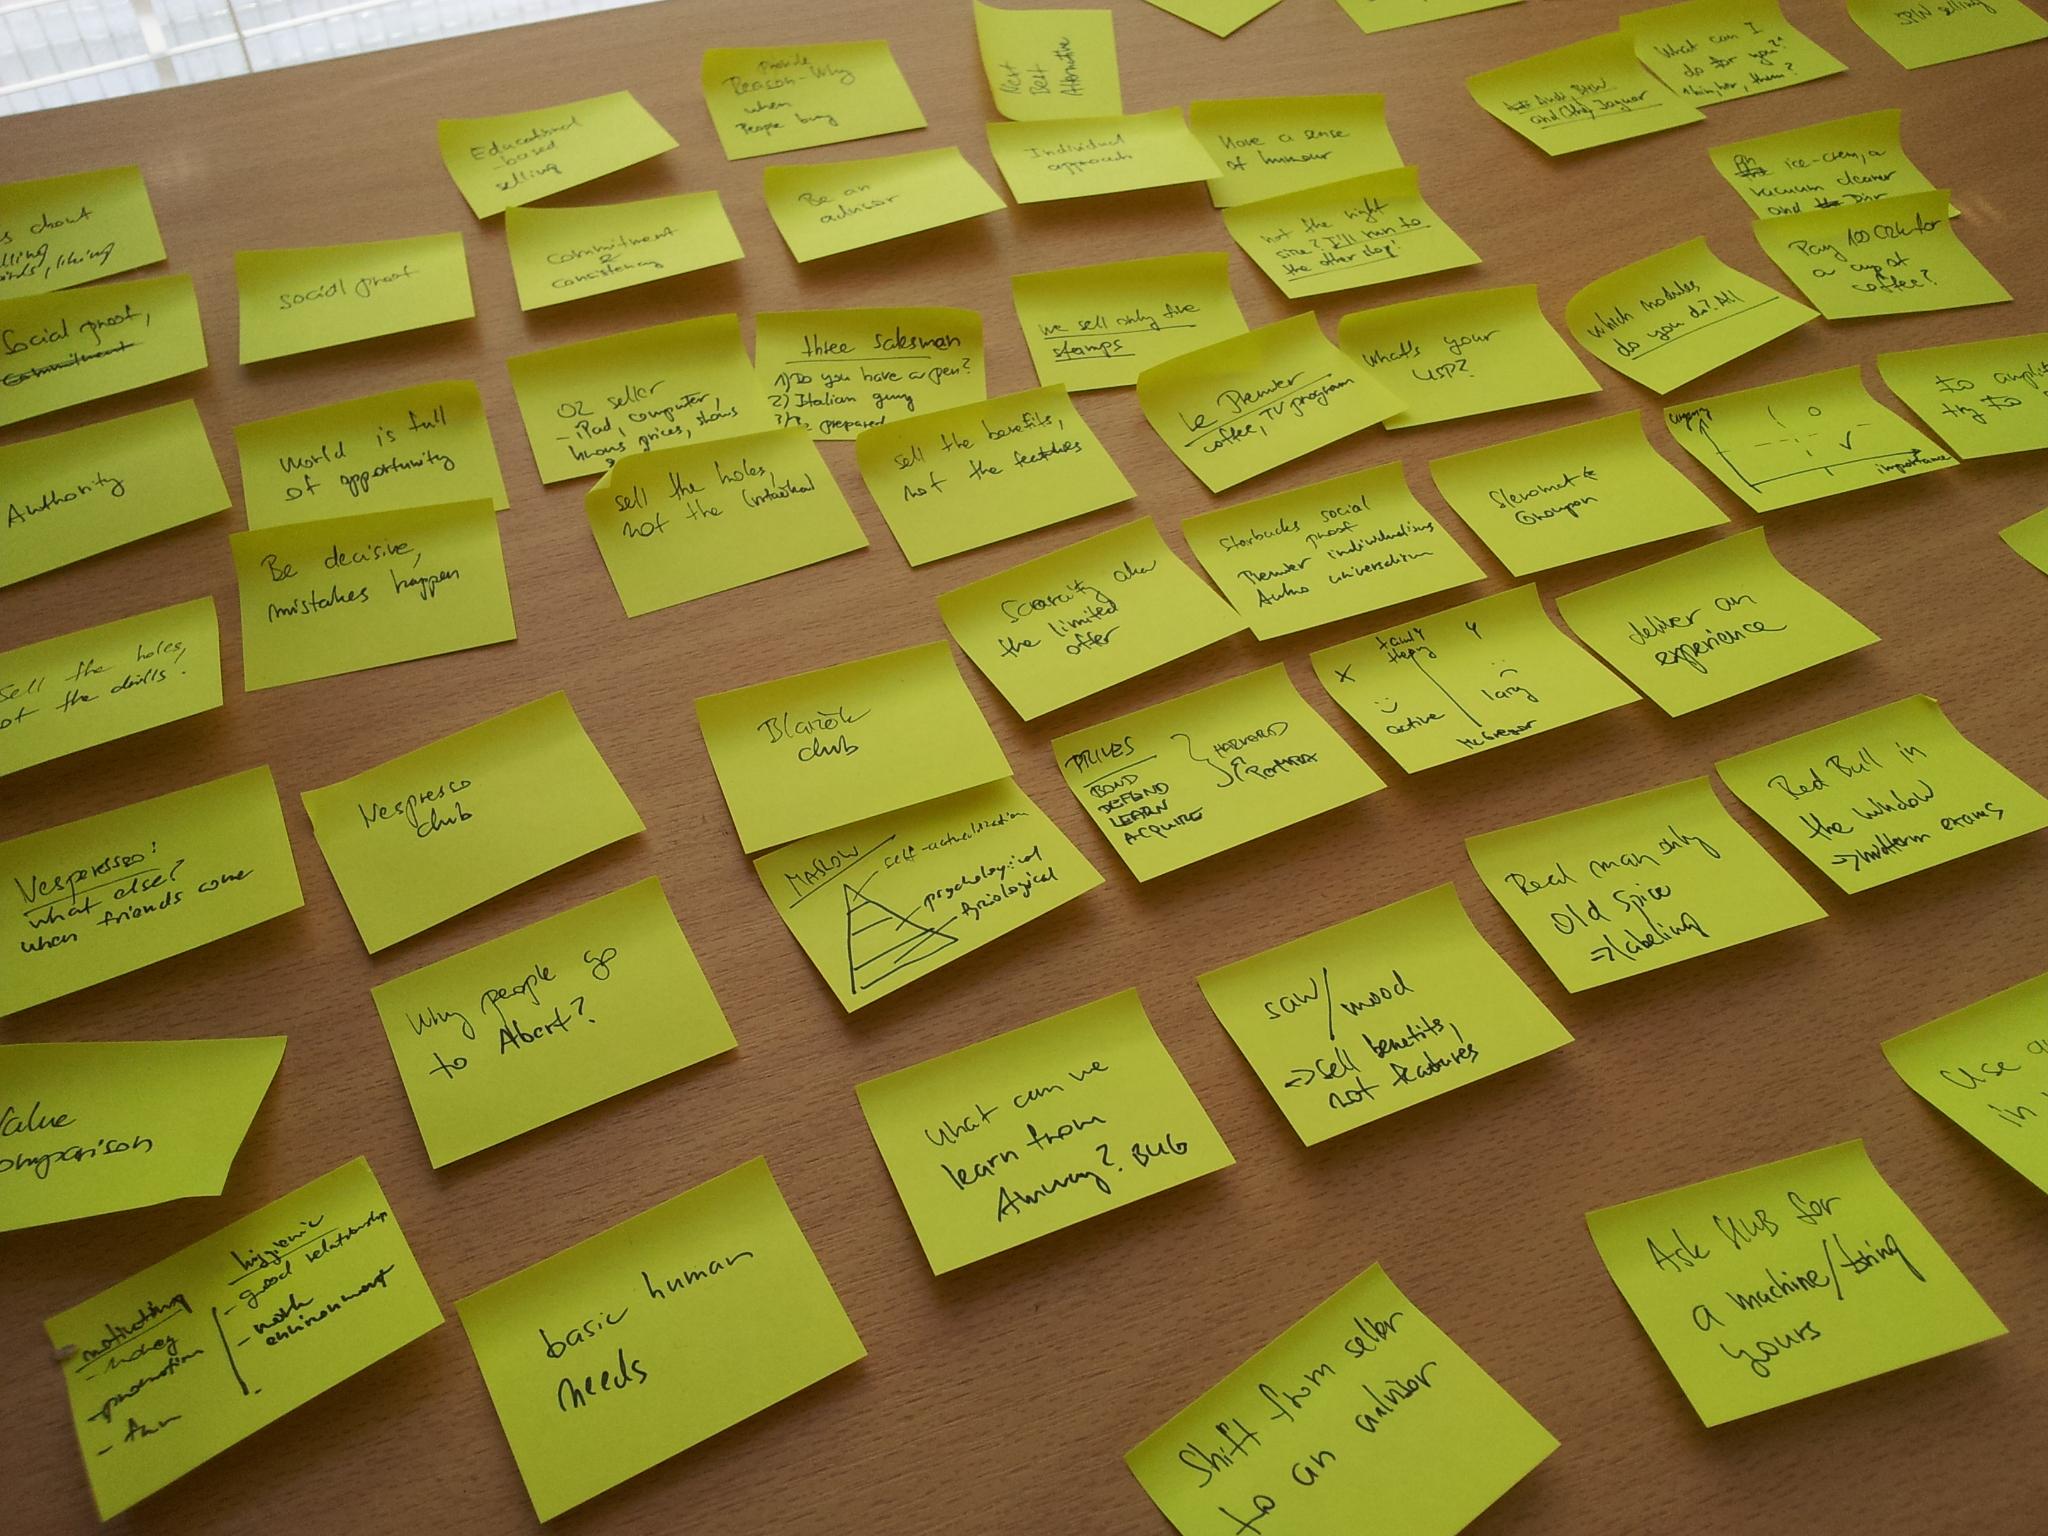 Psychologie prodeje - offline faze pripravy prezentace v HUB